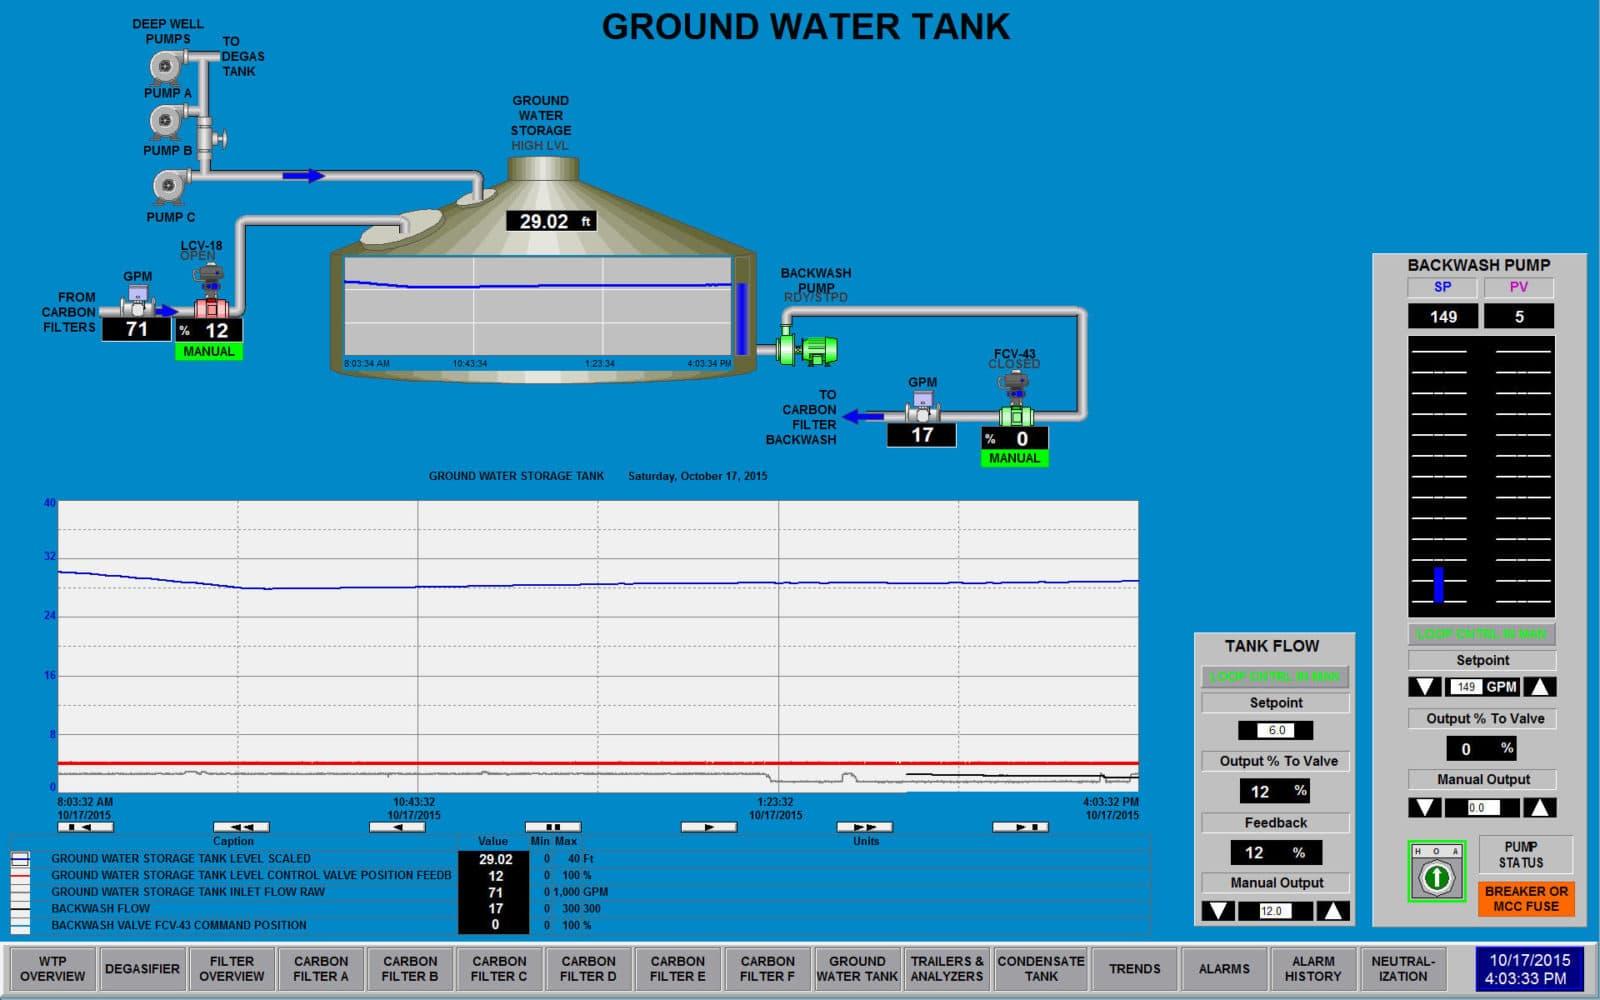 GROUND WATER STORAGE TANK